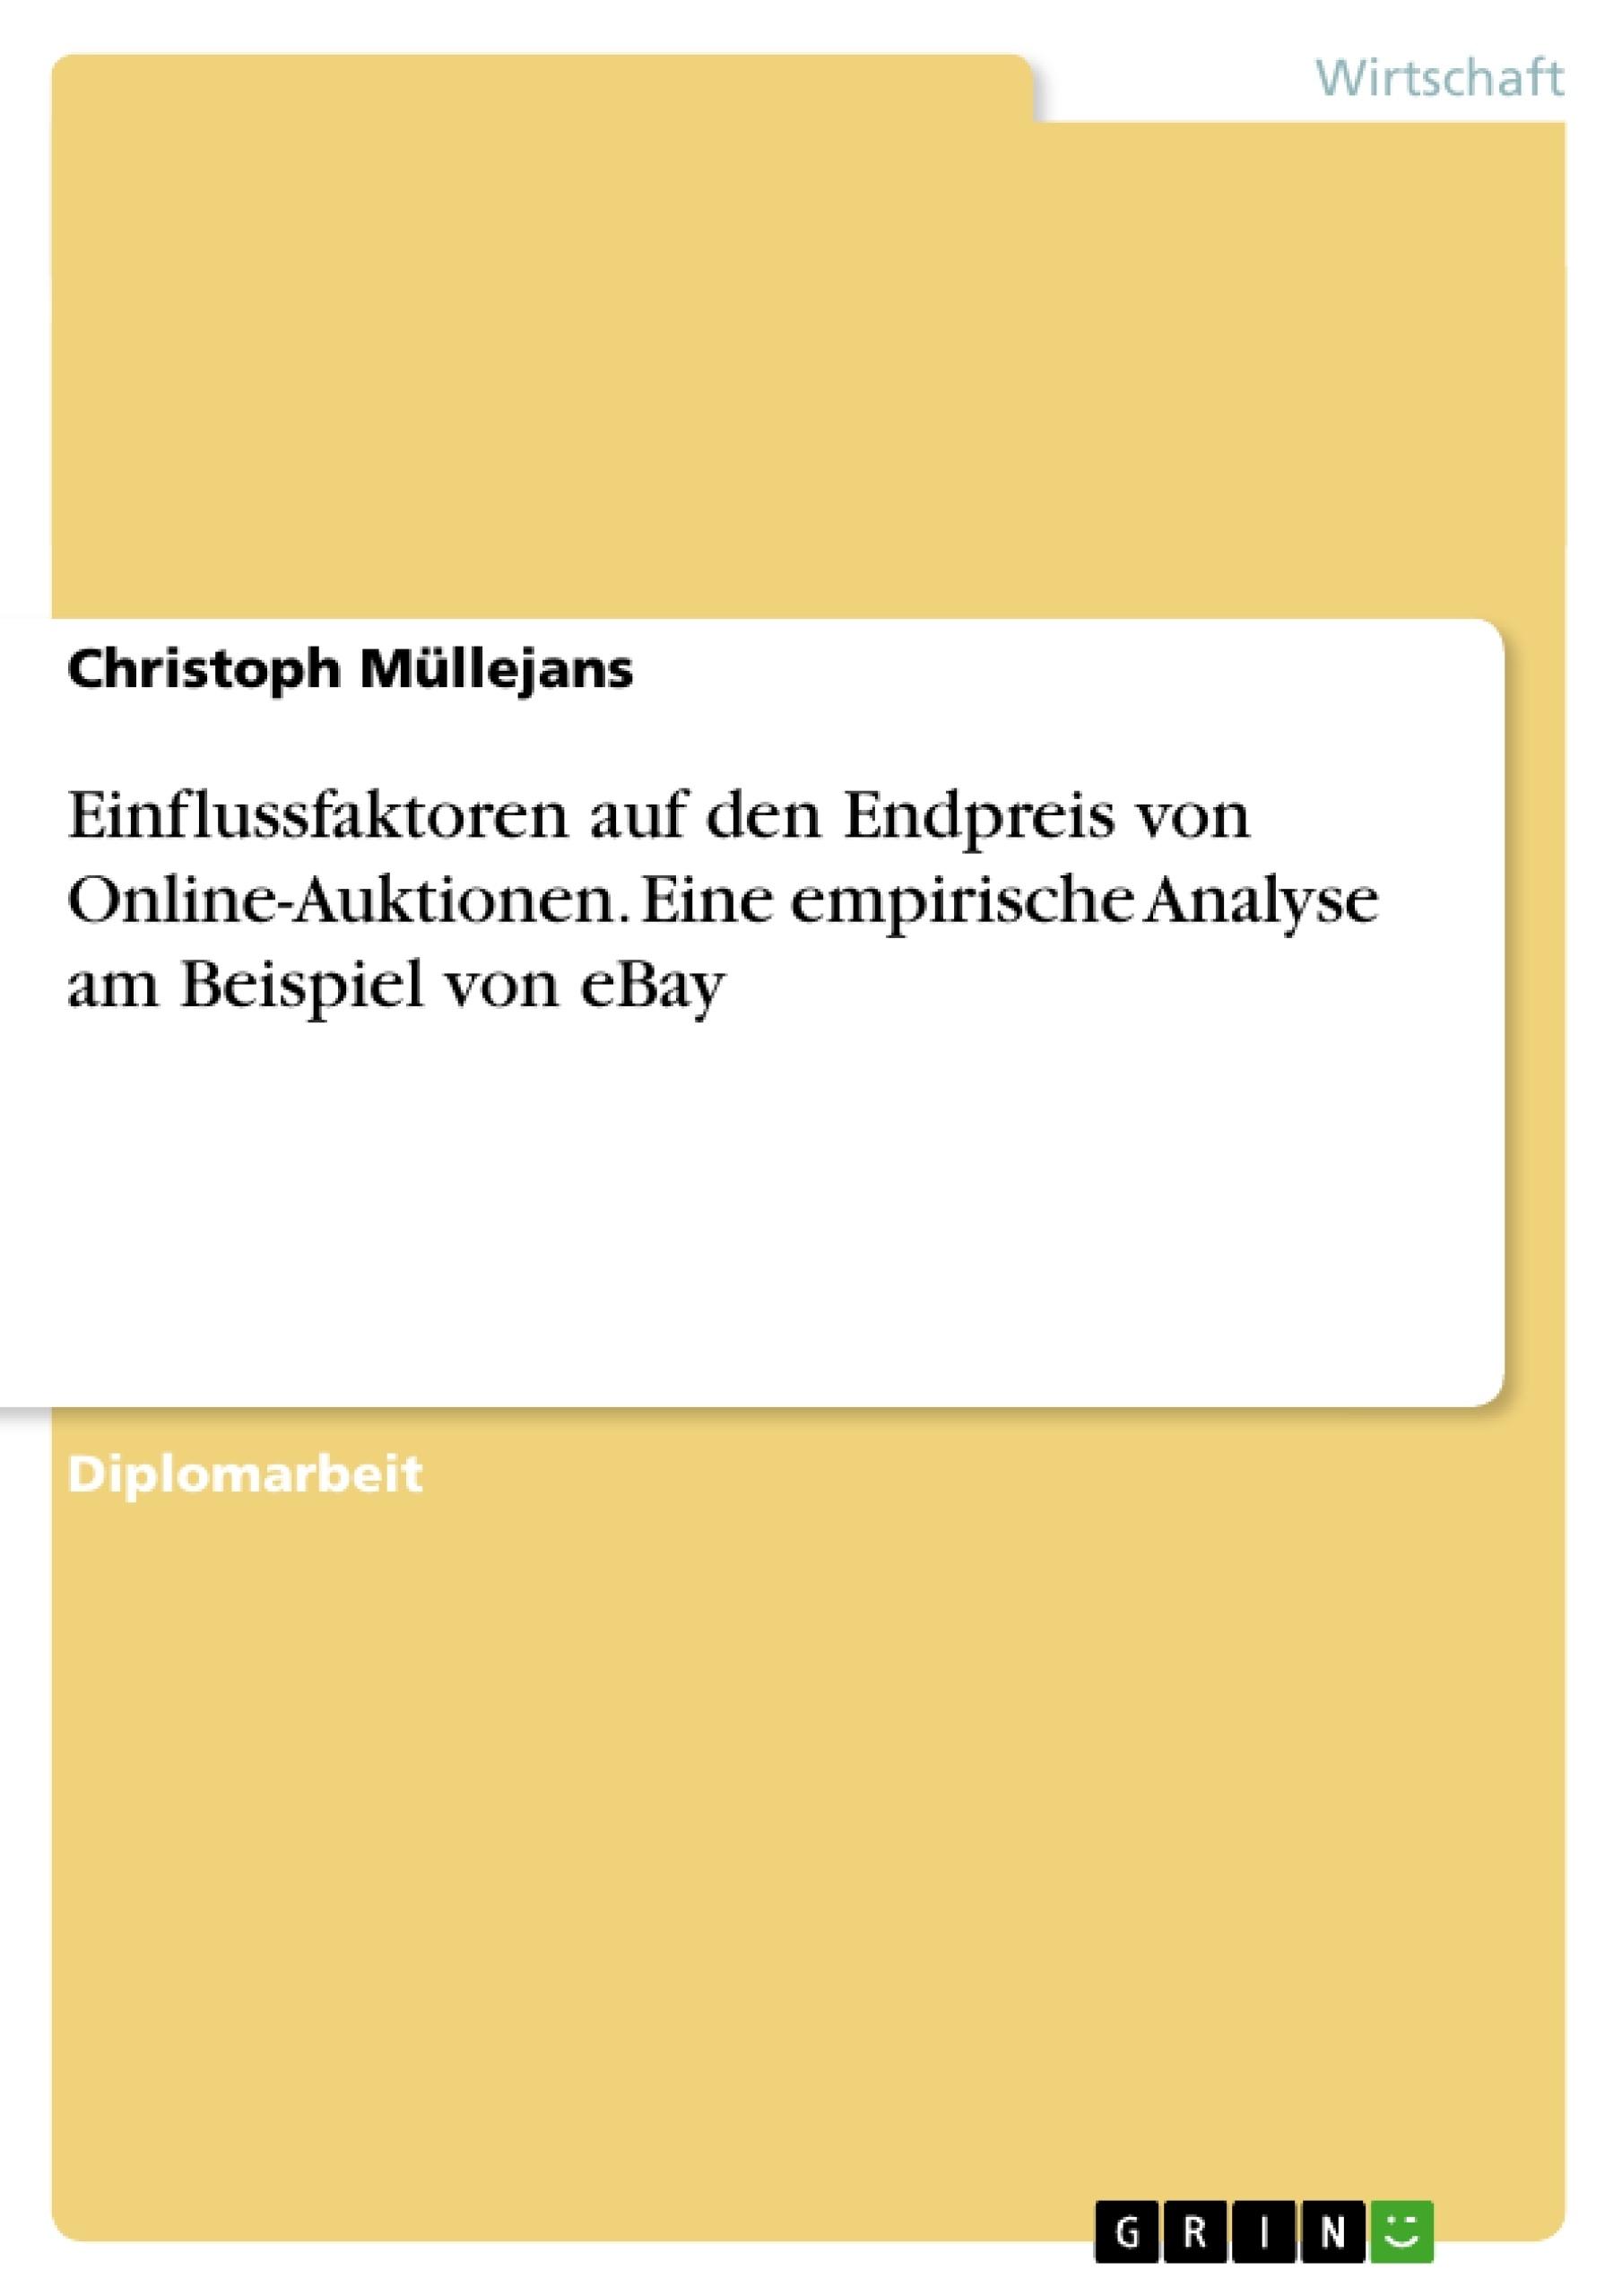 Titel: Einflussfaktoren auf den Endpreis von Online-Auktionen. Eine empirische Analyse am Beispiel von eBay